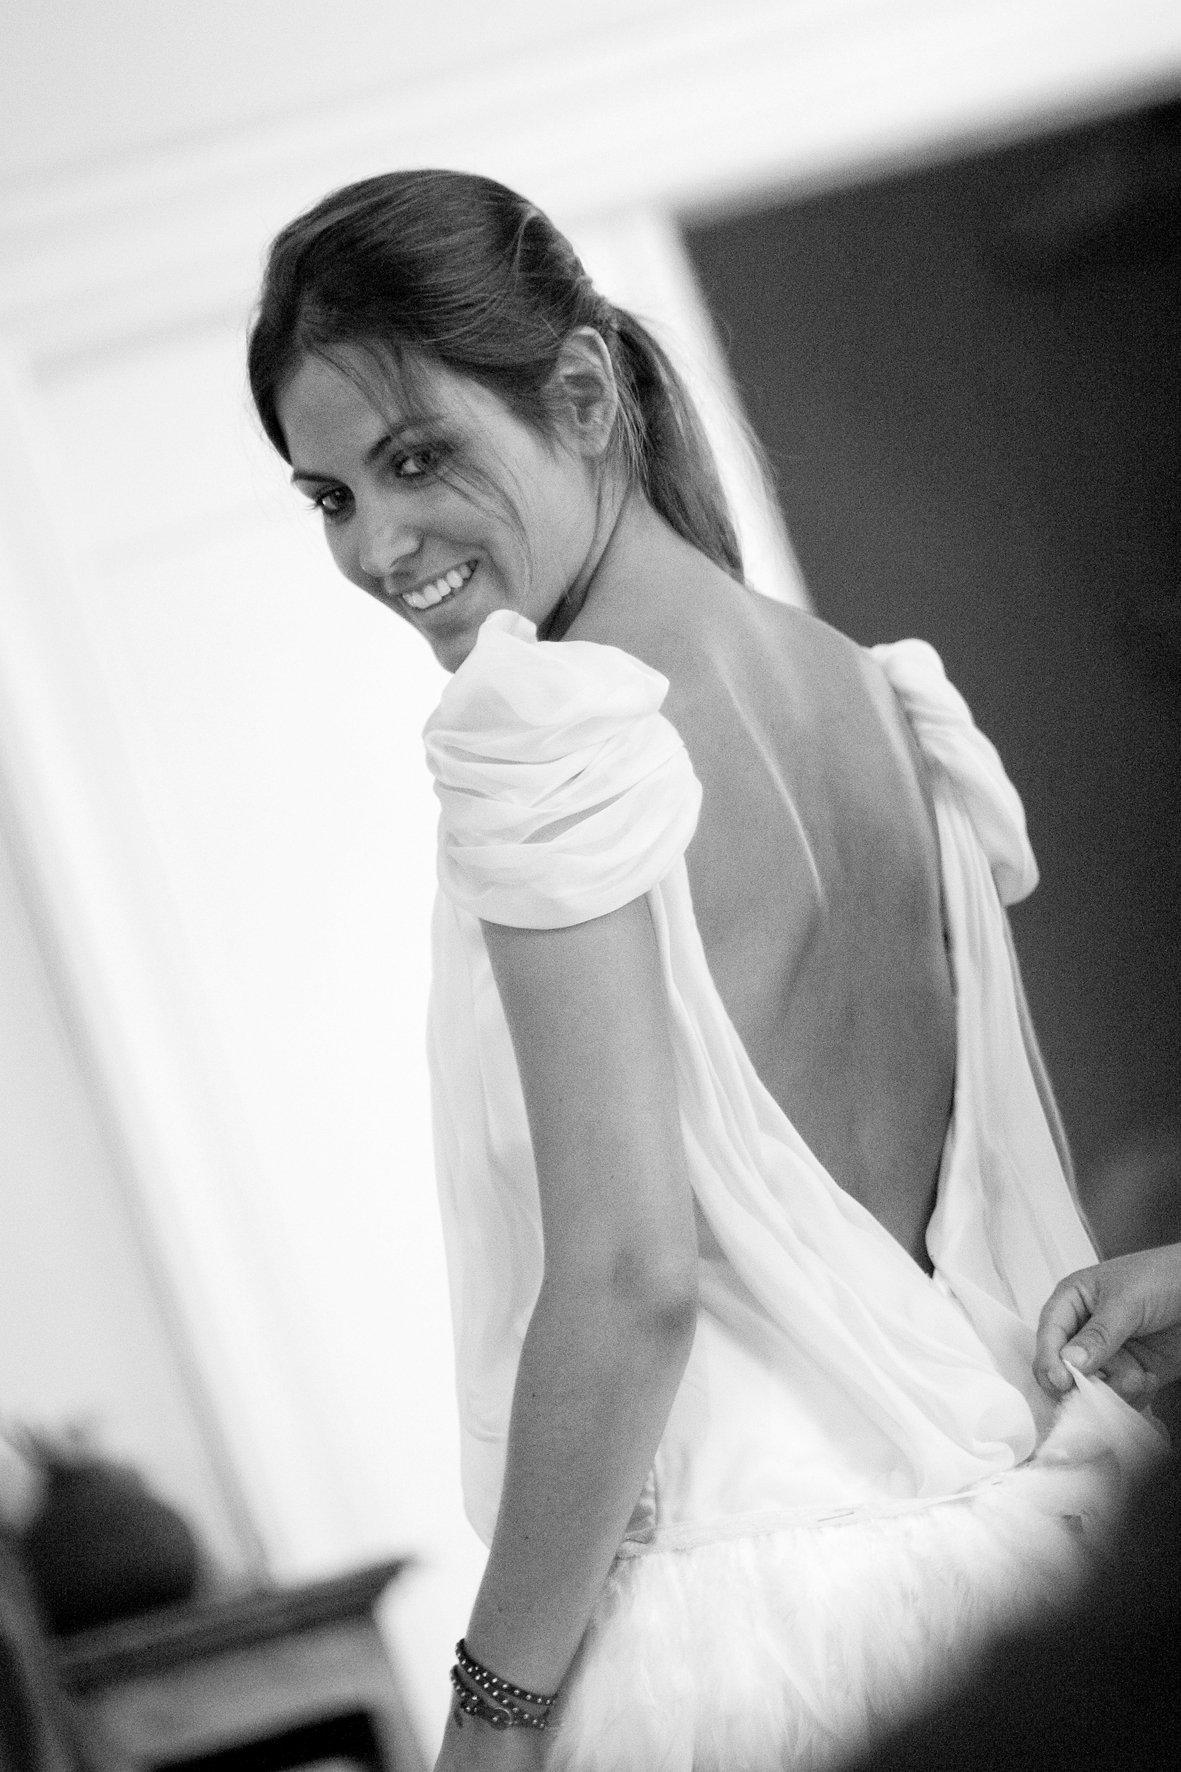 La boda de Emilia y José Luis-4052-misscavallier